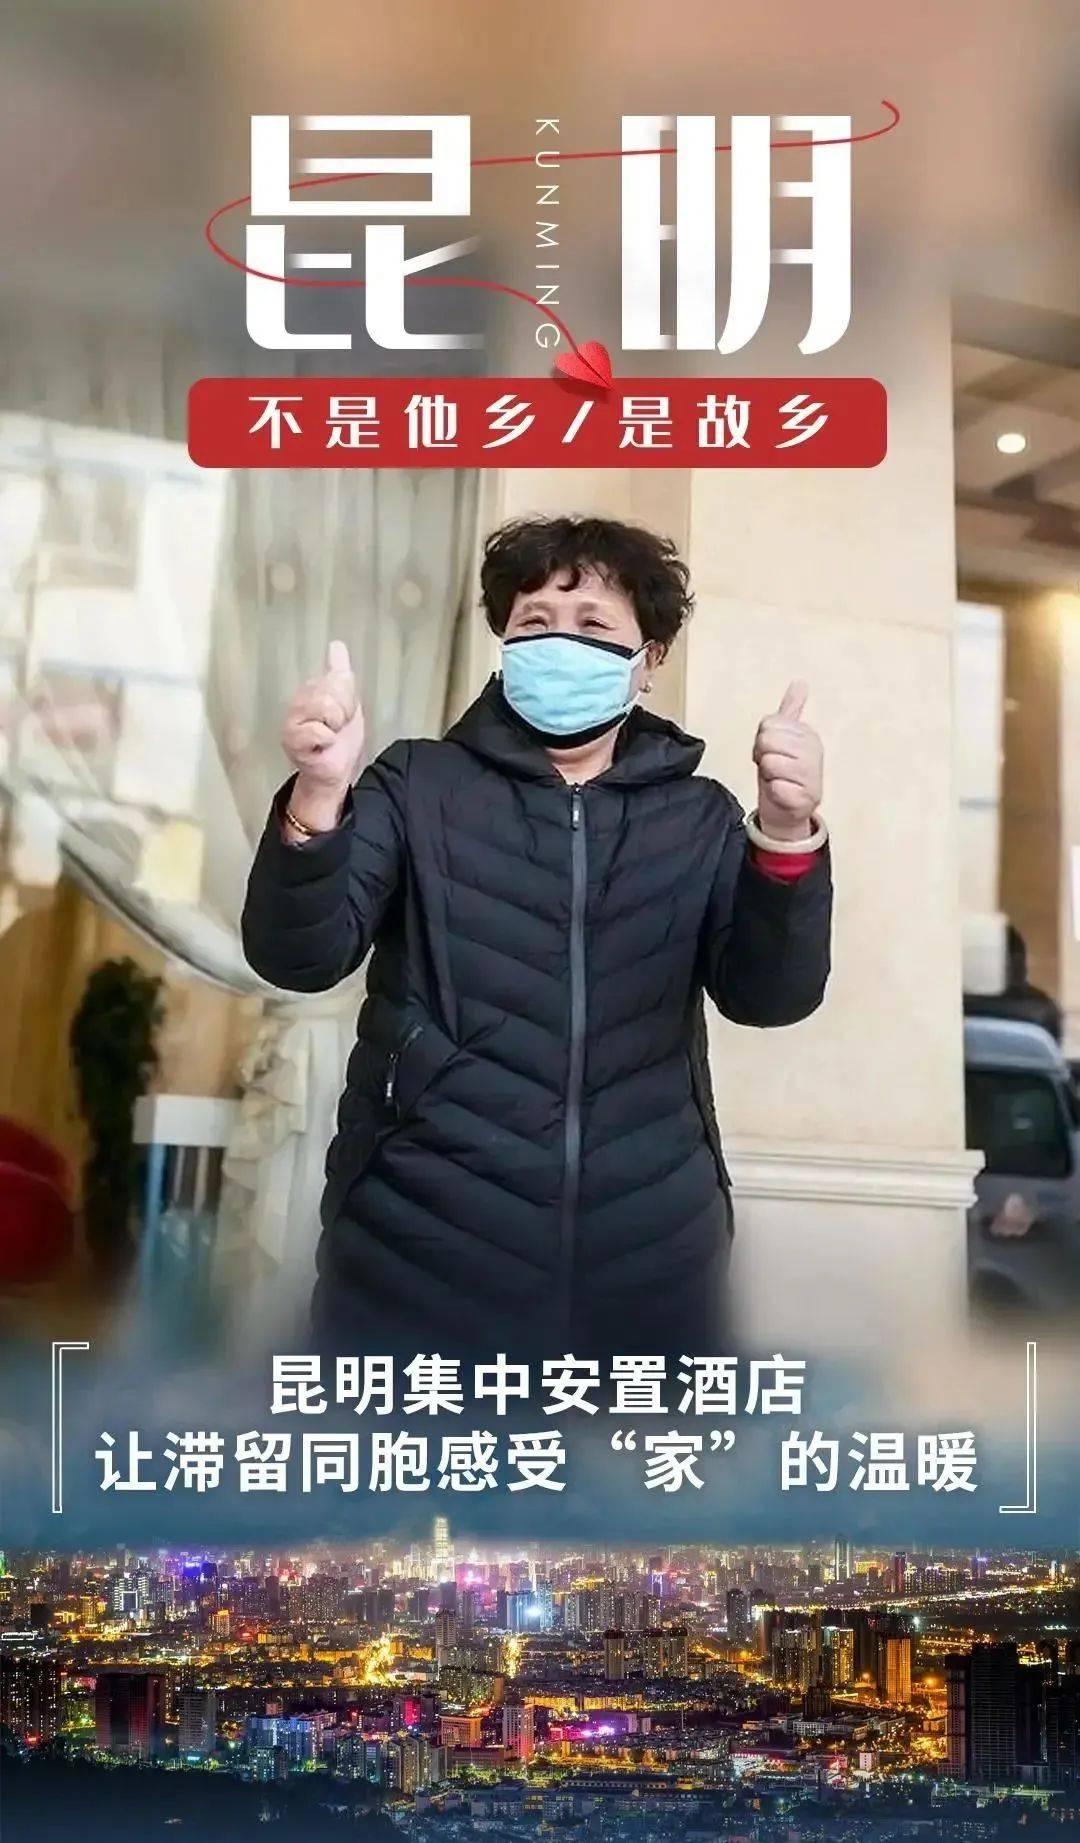 """文旅战疫 用速度与温度丰盈""""春城""""美名"""